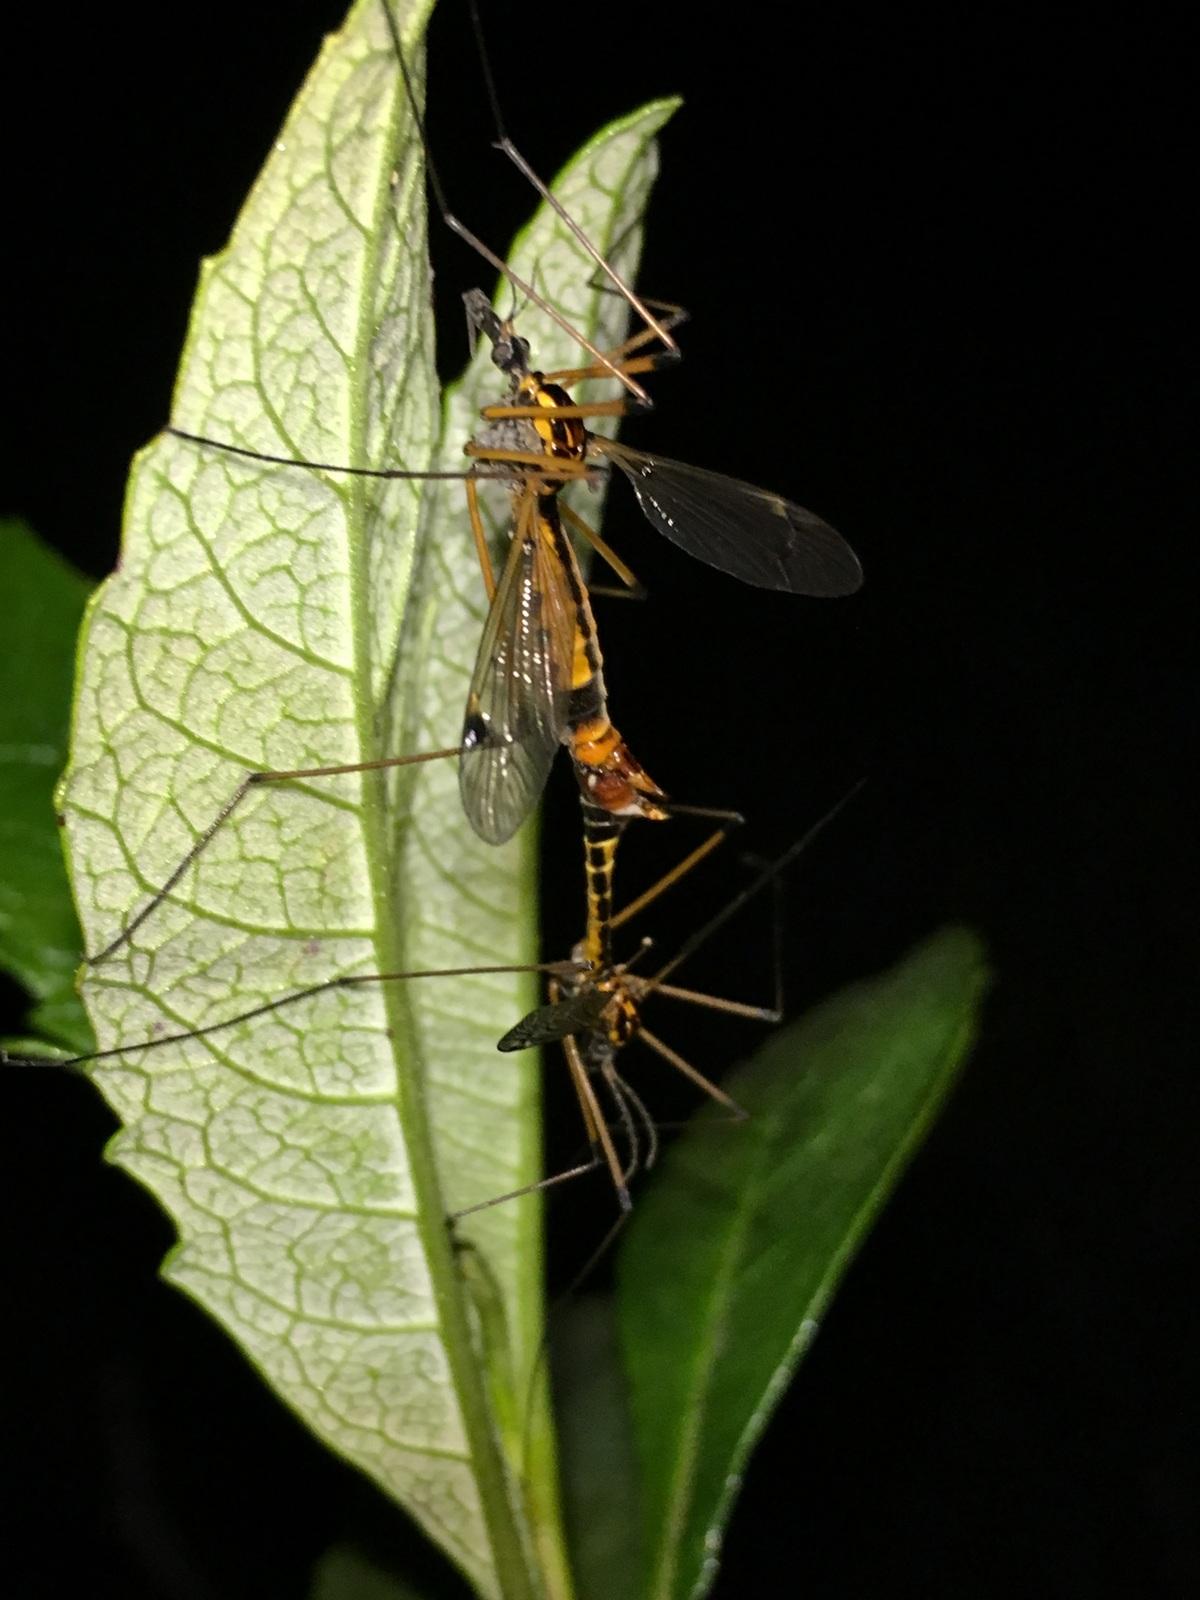 Mating Crane Flies